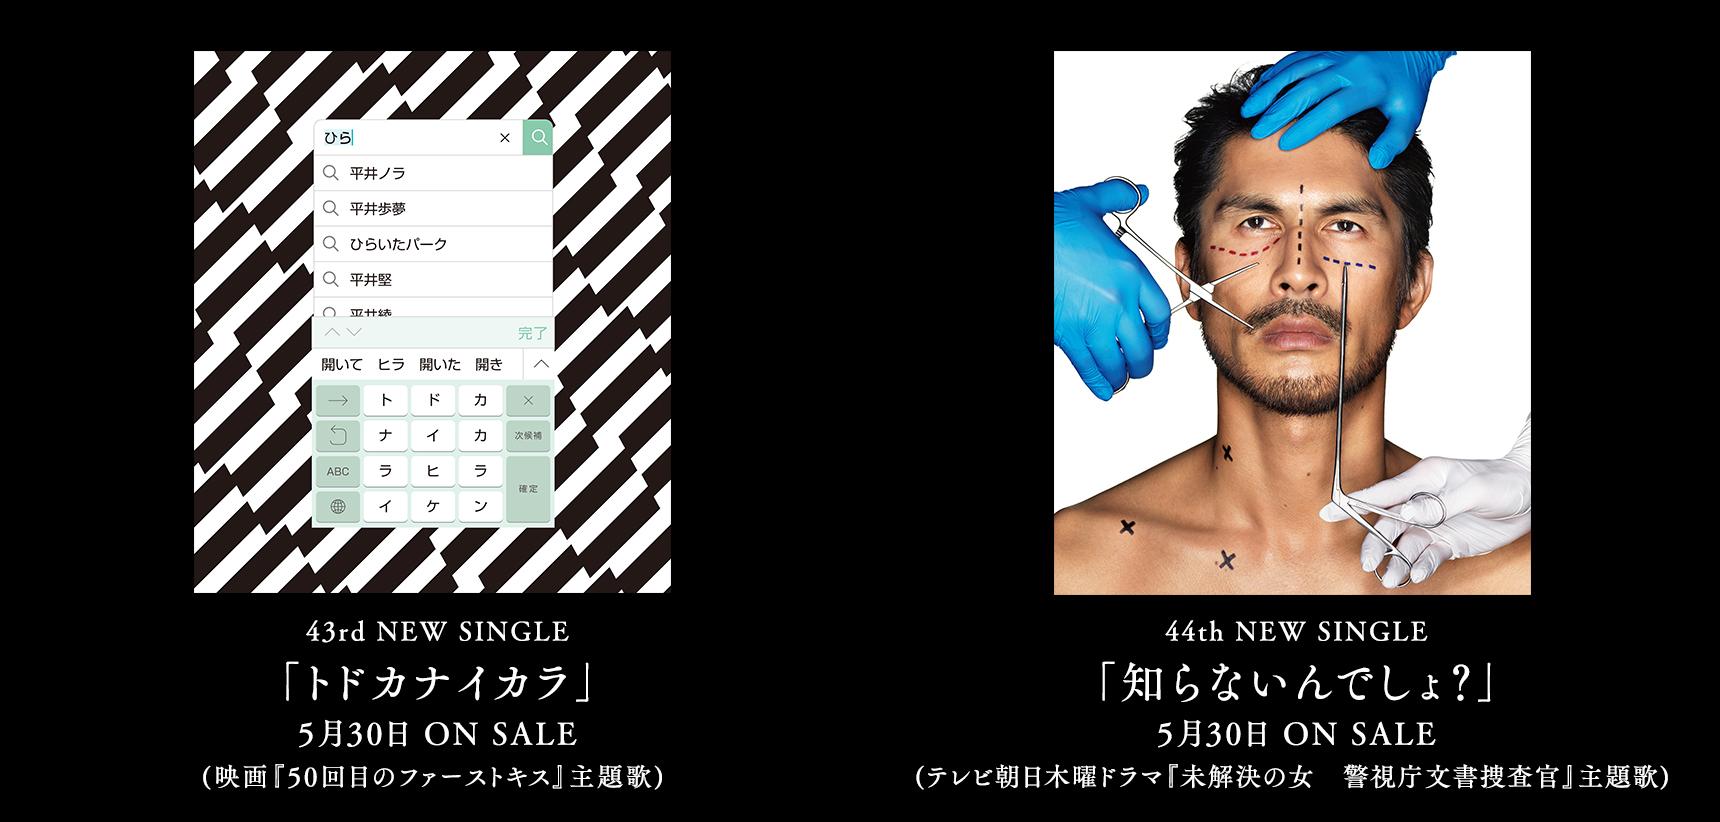 43rd NEW SINGLE「トドカナイカラ」、44th NEW SINGLE「知らないんでしょ?」New Release!